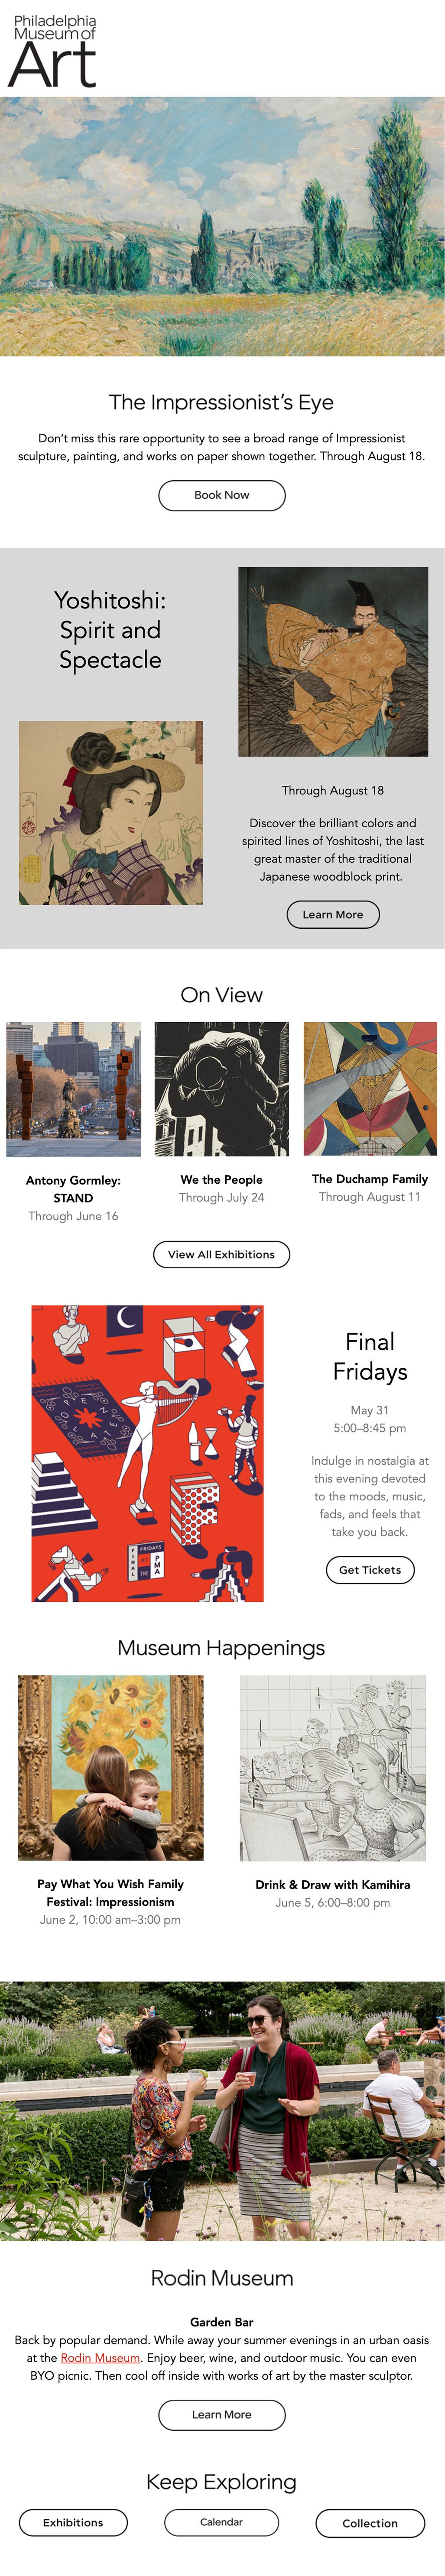 Philadelphia Museum of Art Email Newsletter Design Layout